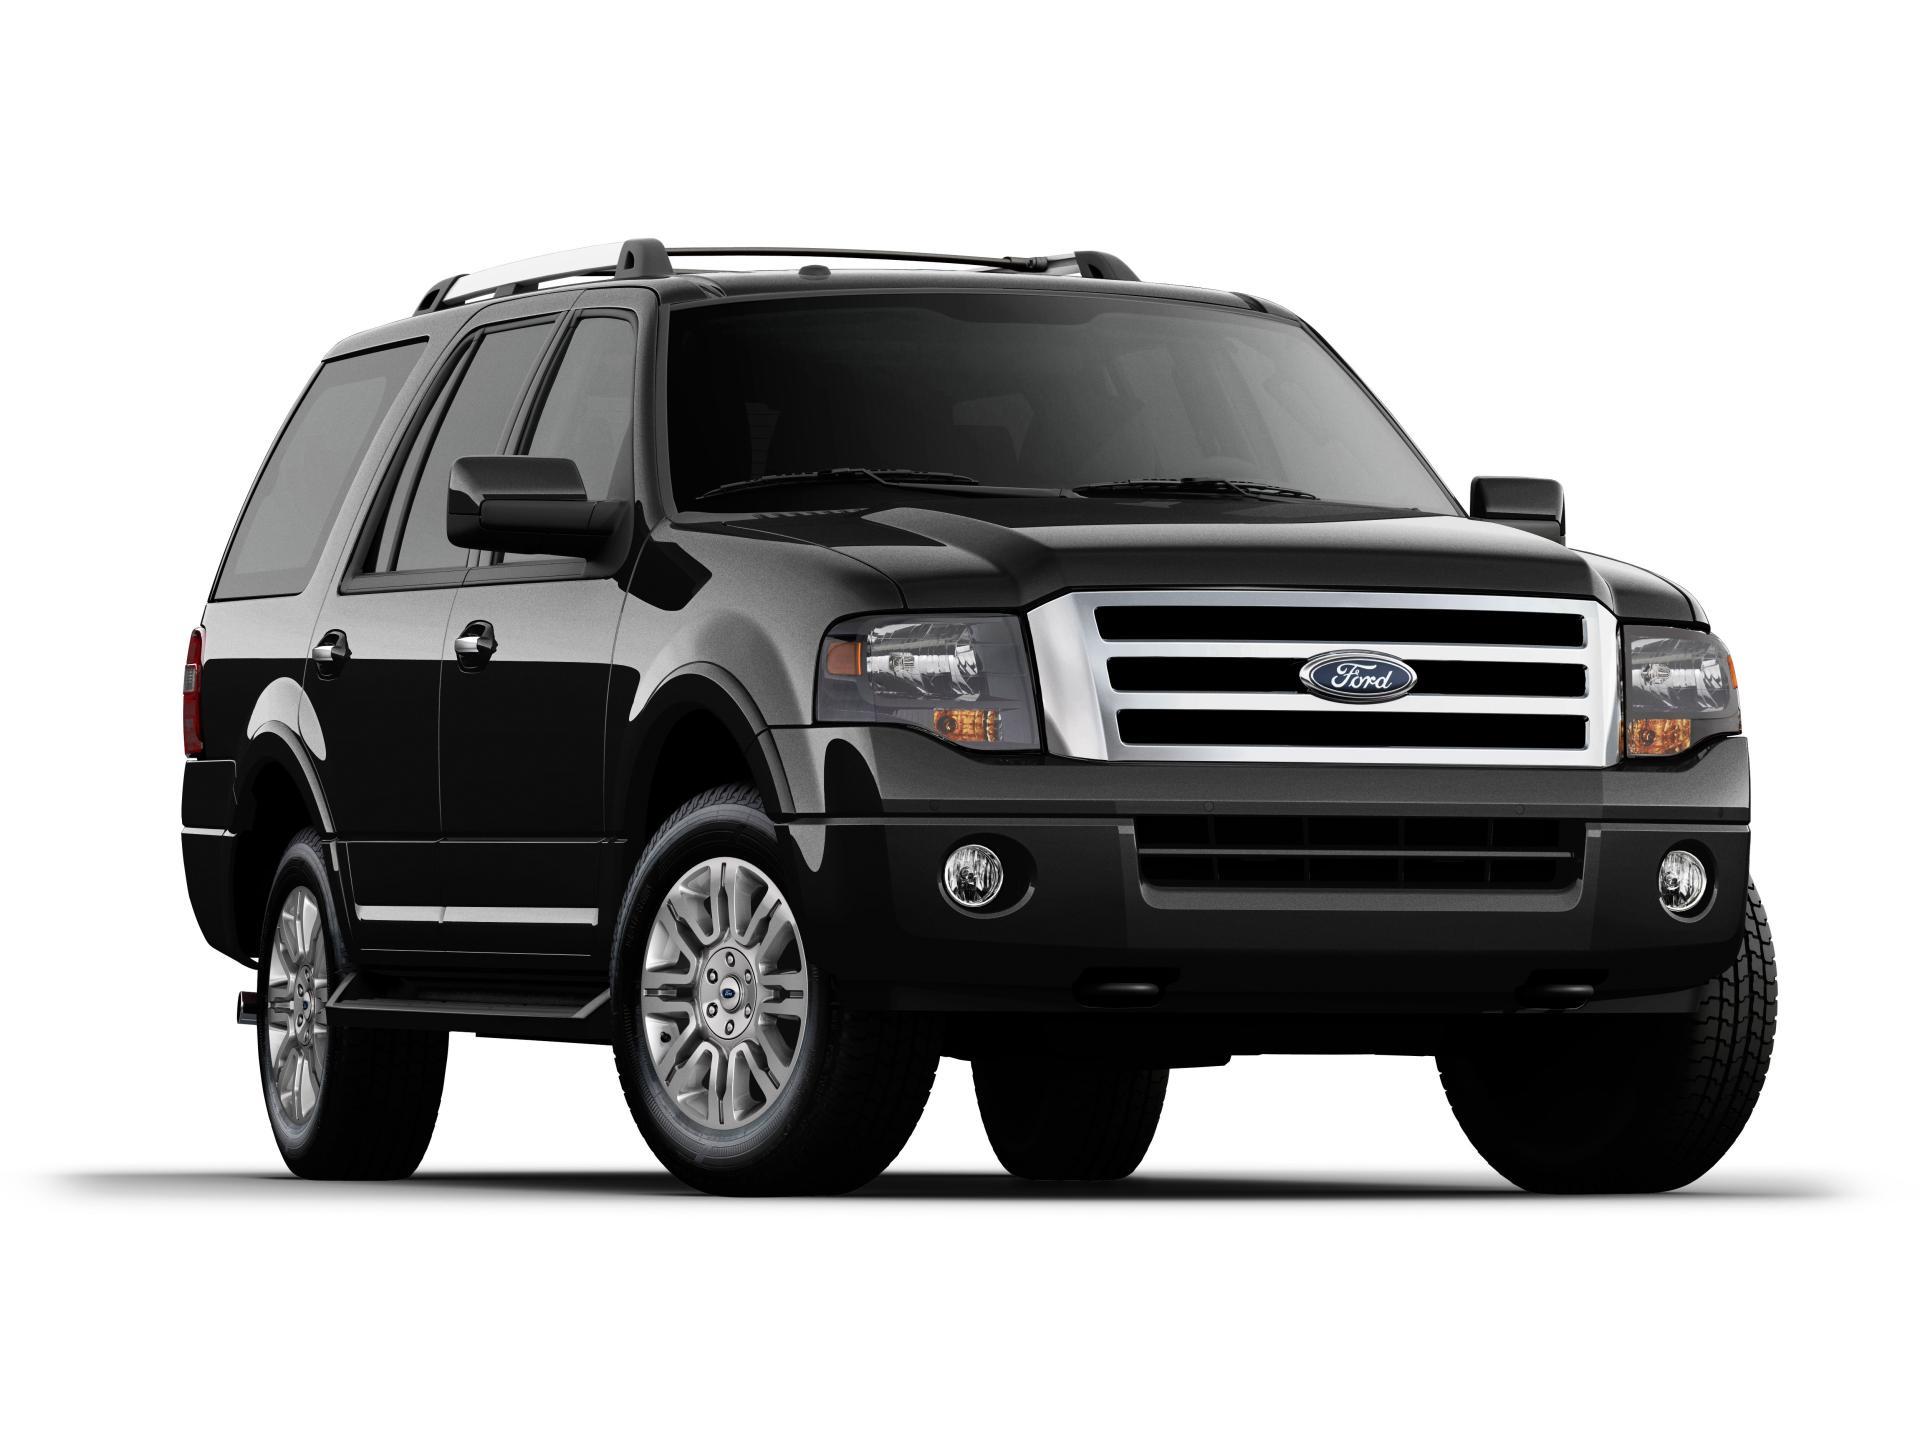 Ford Expedition el 2014 Black 2014 Ford Expedition el